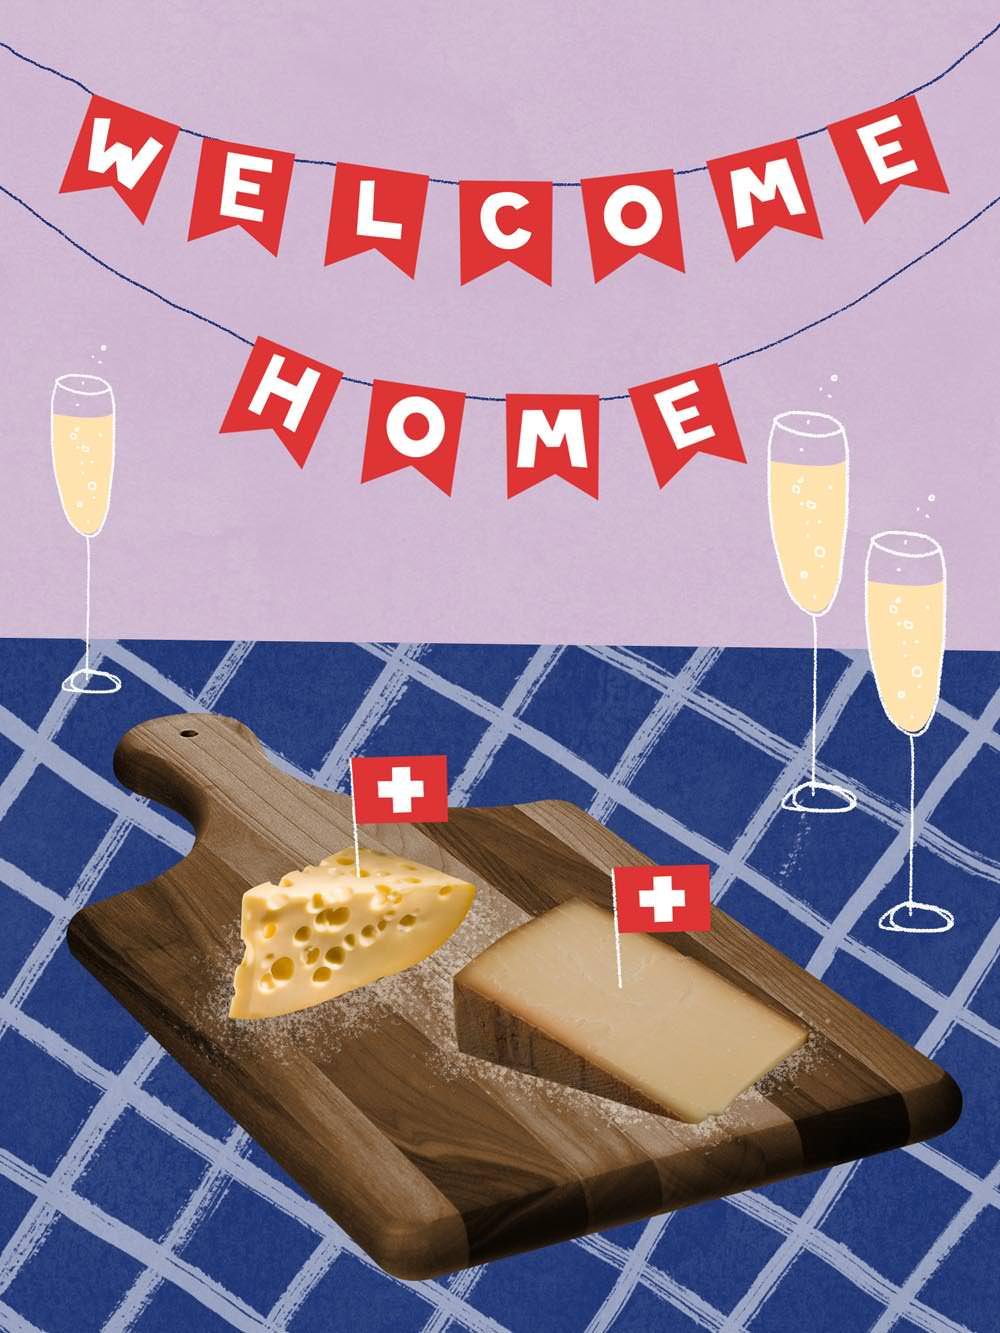 Welcome Home - NN292